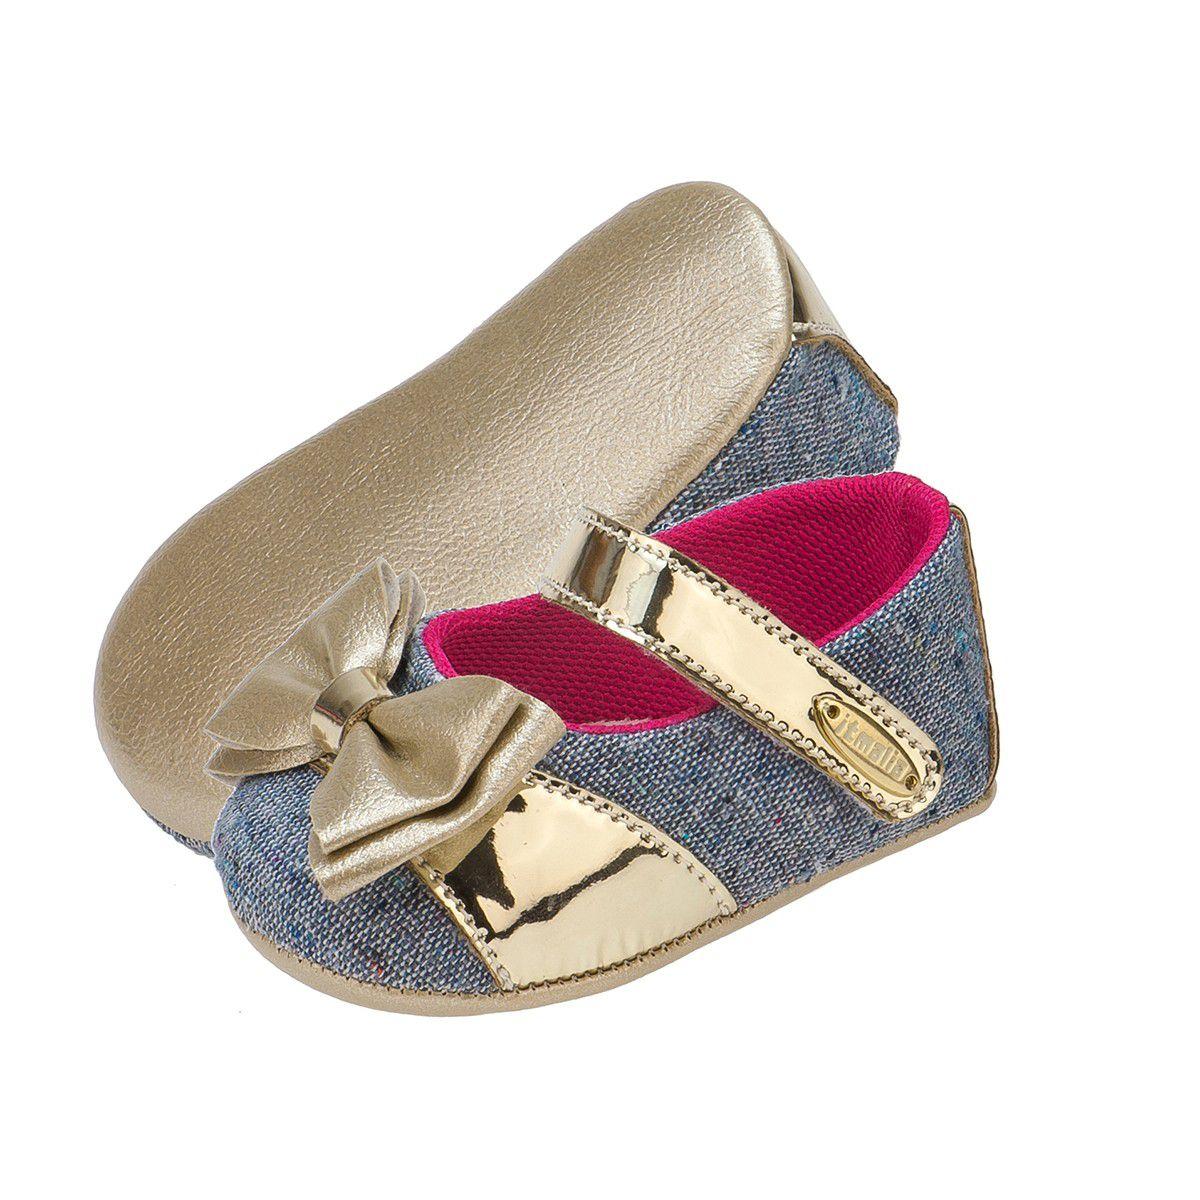 Sapatilha Bebê Menina Tira com Laço Jeans e Dourado - Itmalia